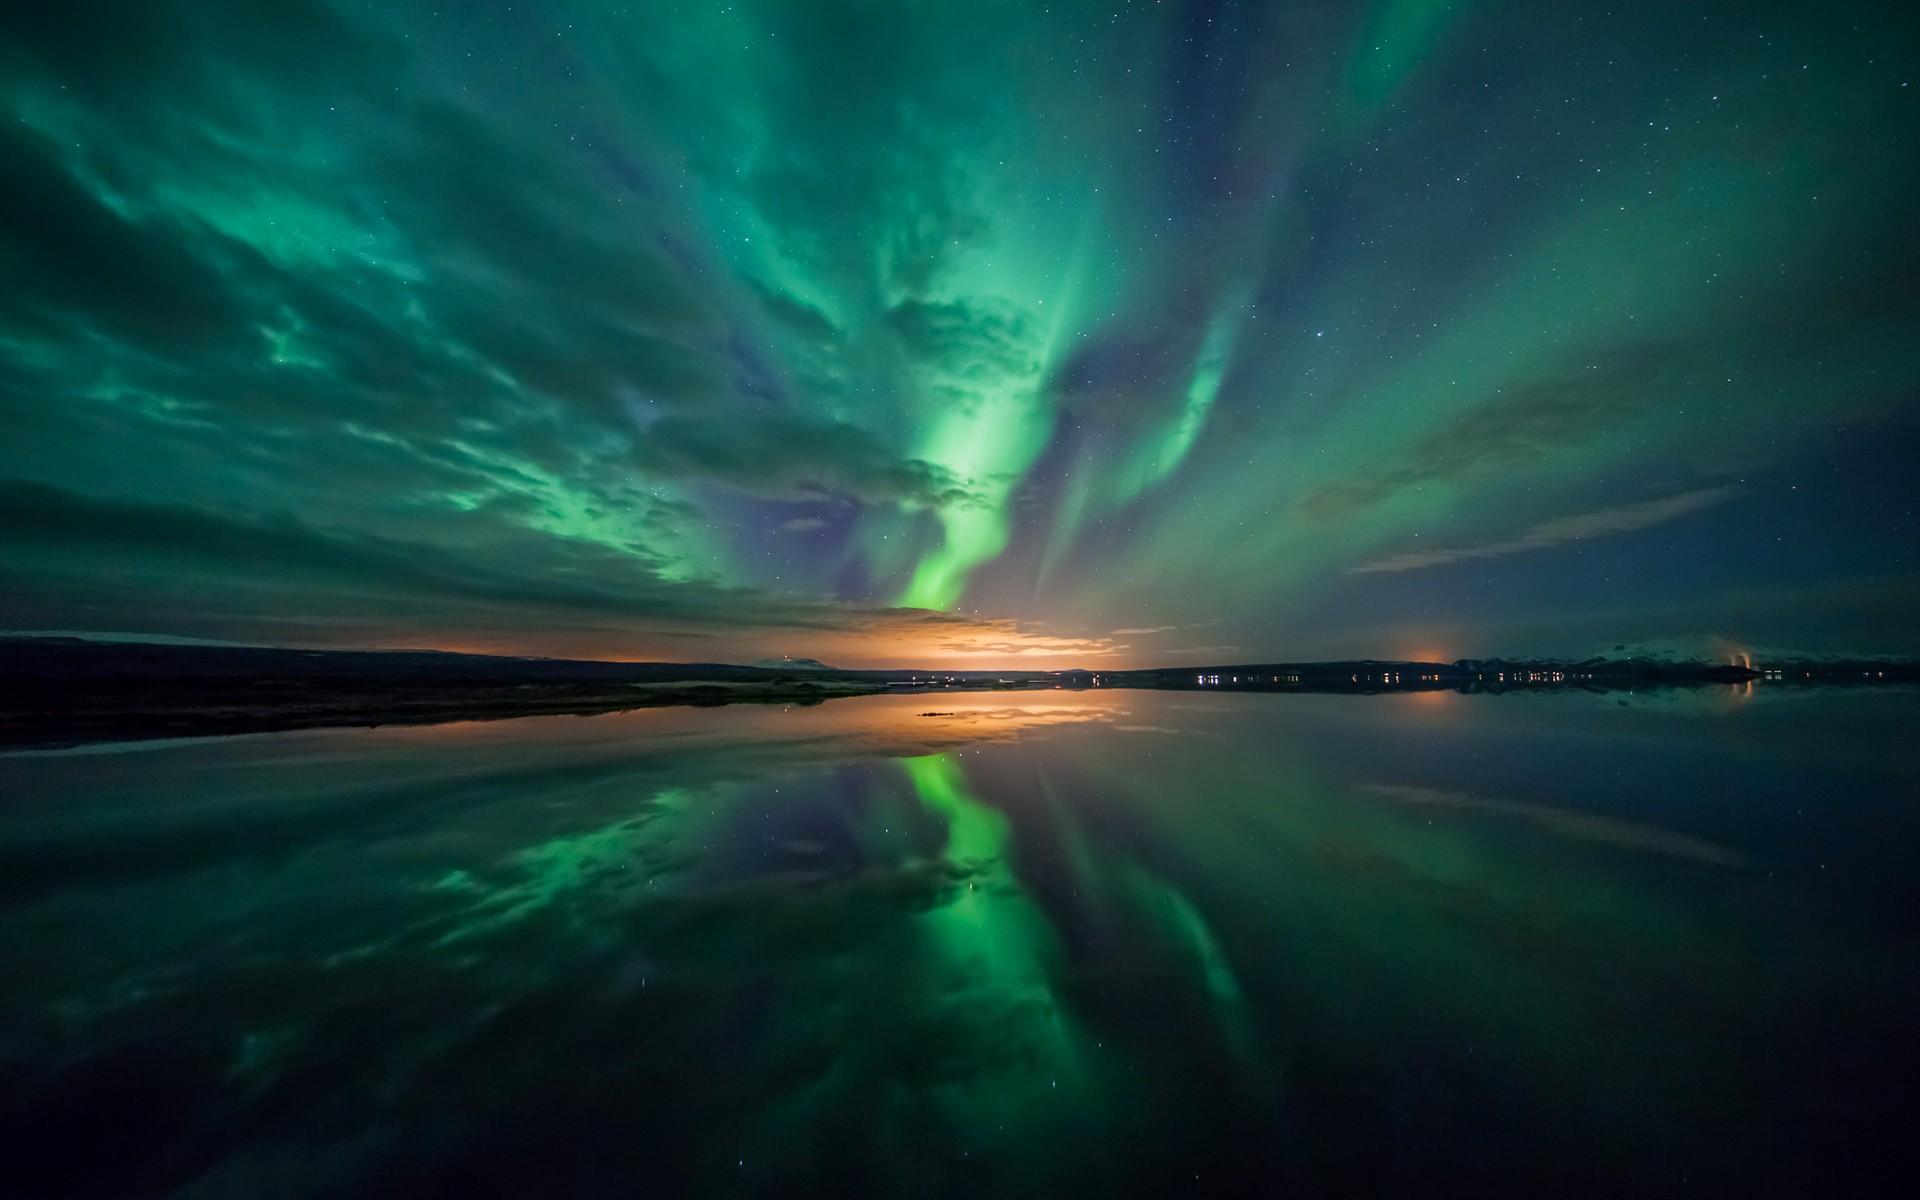 Aurora Hd